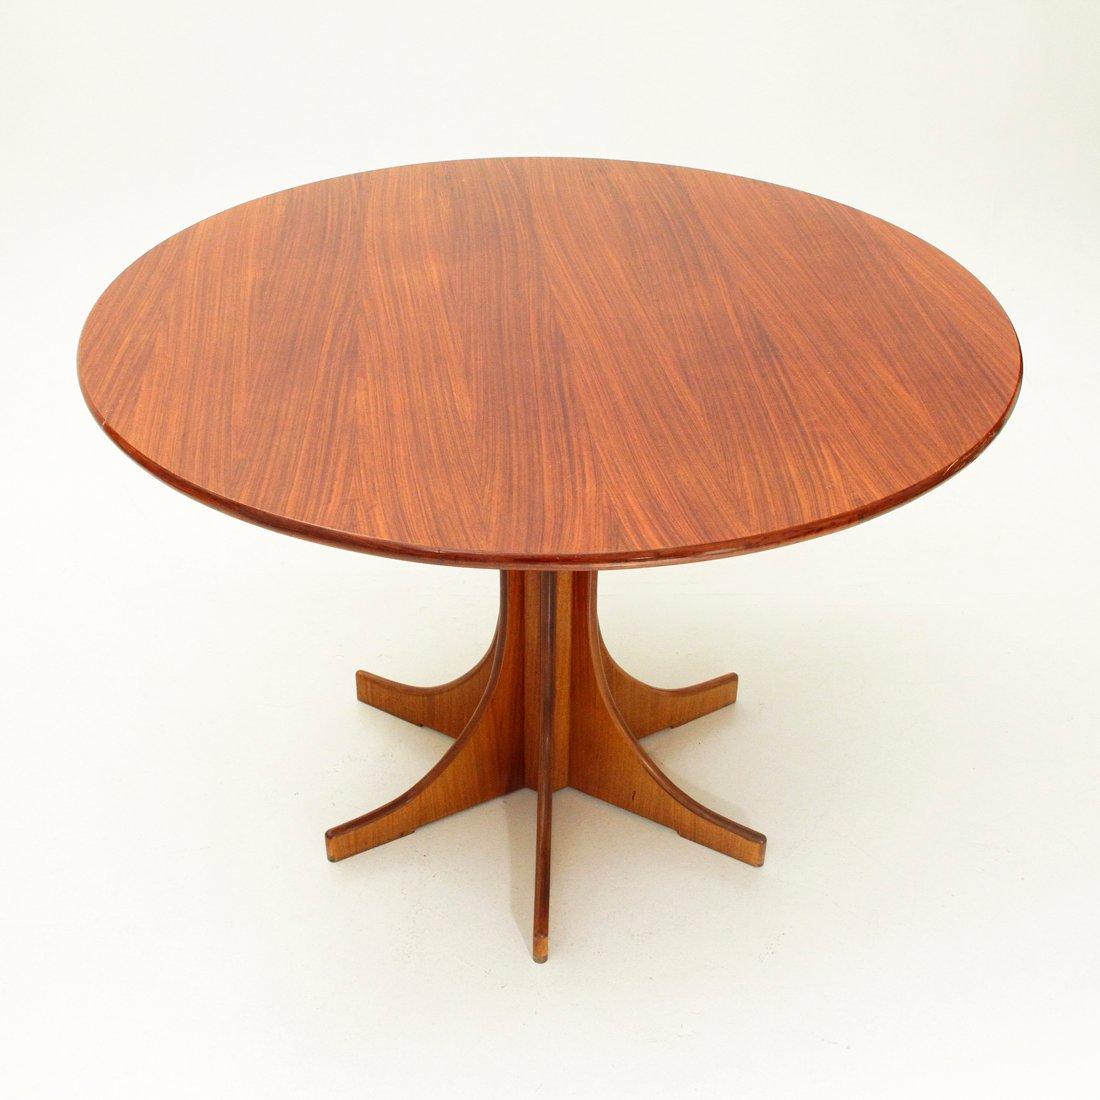 runder italienischer esstisch aus holz 1960er bei pamono. Black Bedroom Furniture Sets. Home Design Ideas